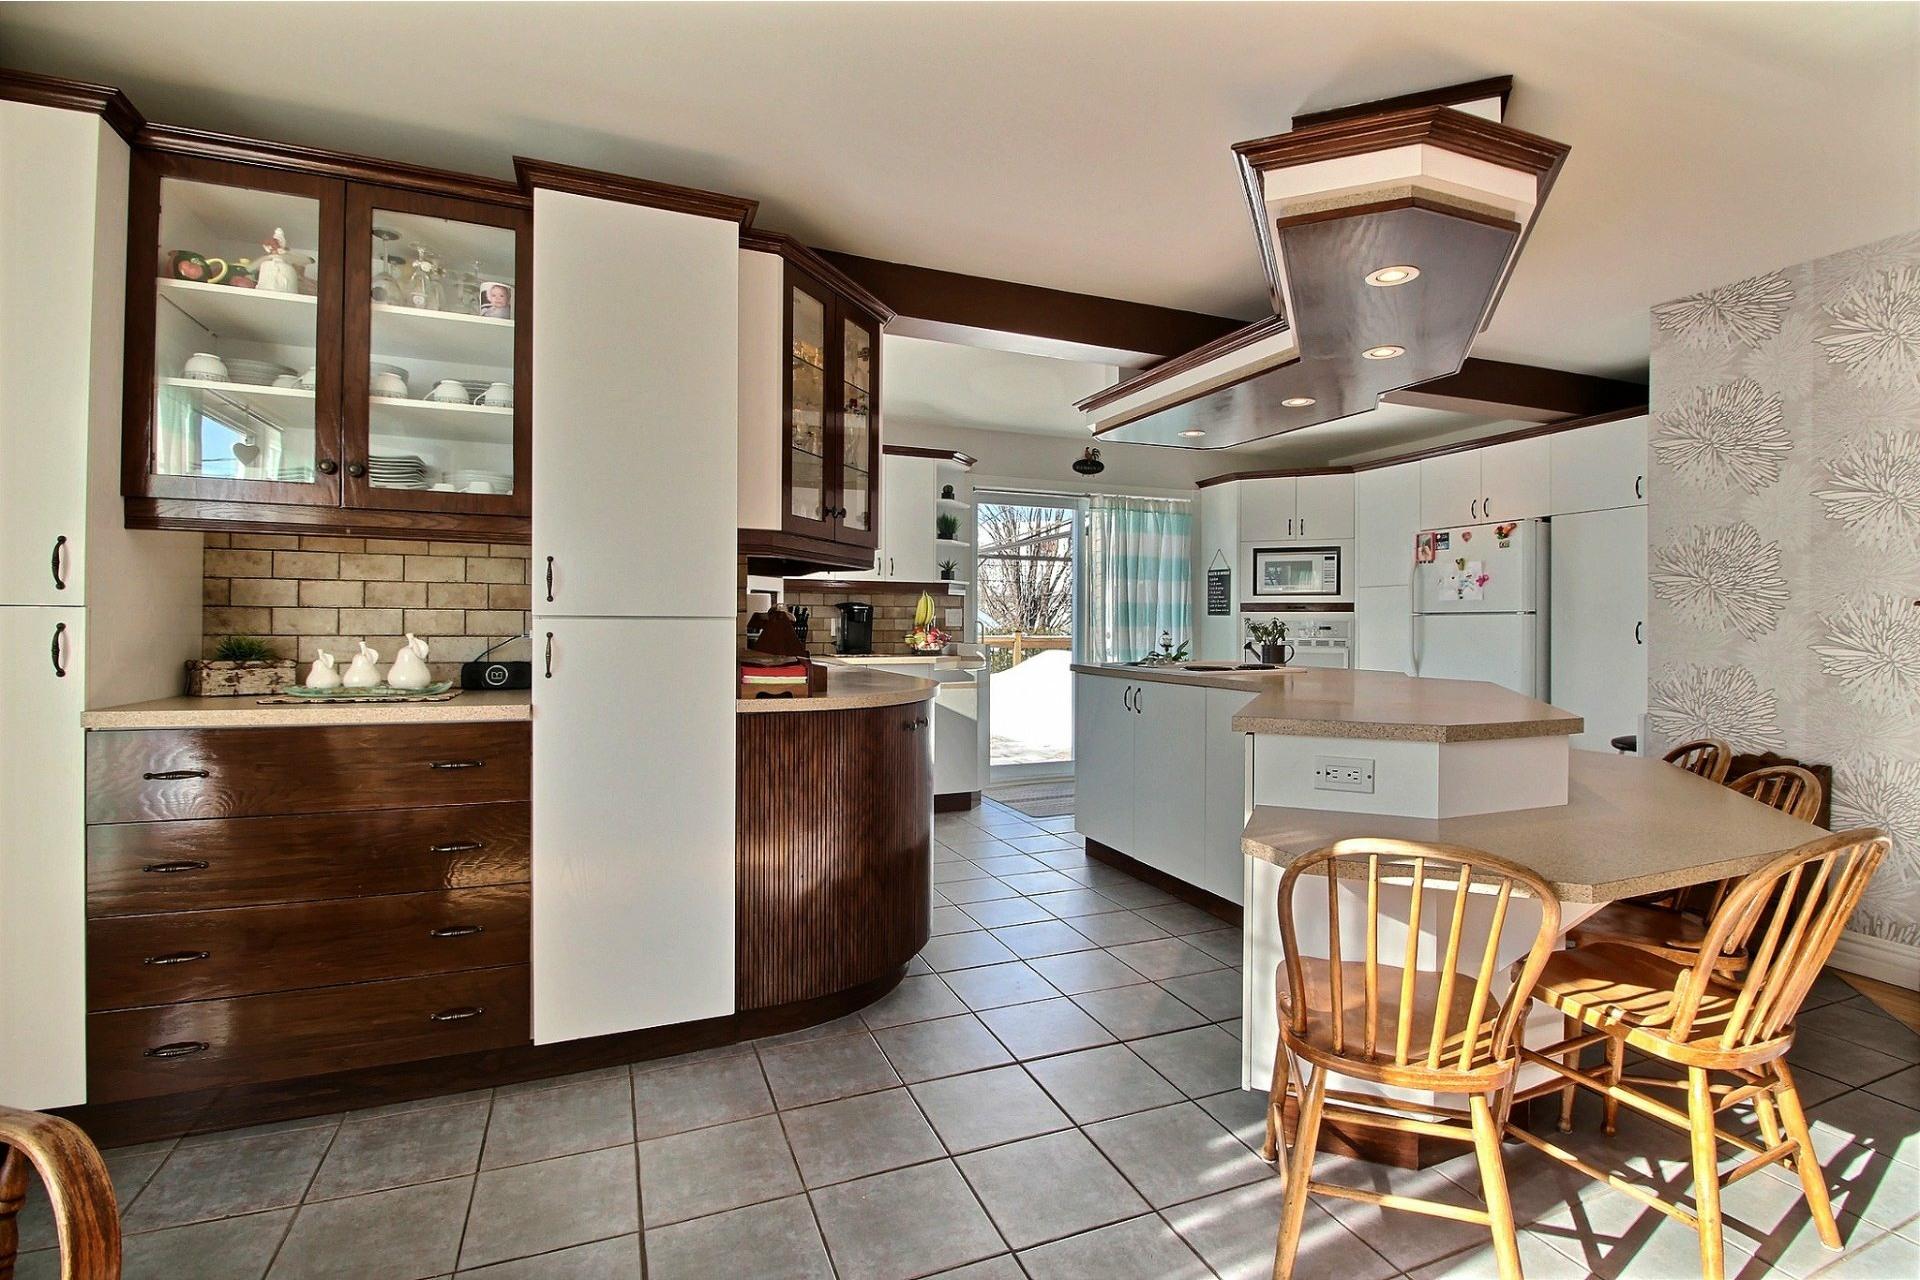 image 5 - House For sale Saint-Ambroise-de-Kildare - 13 rooms